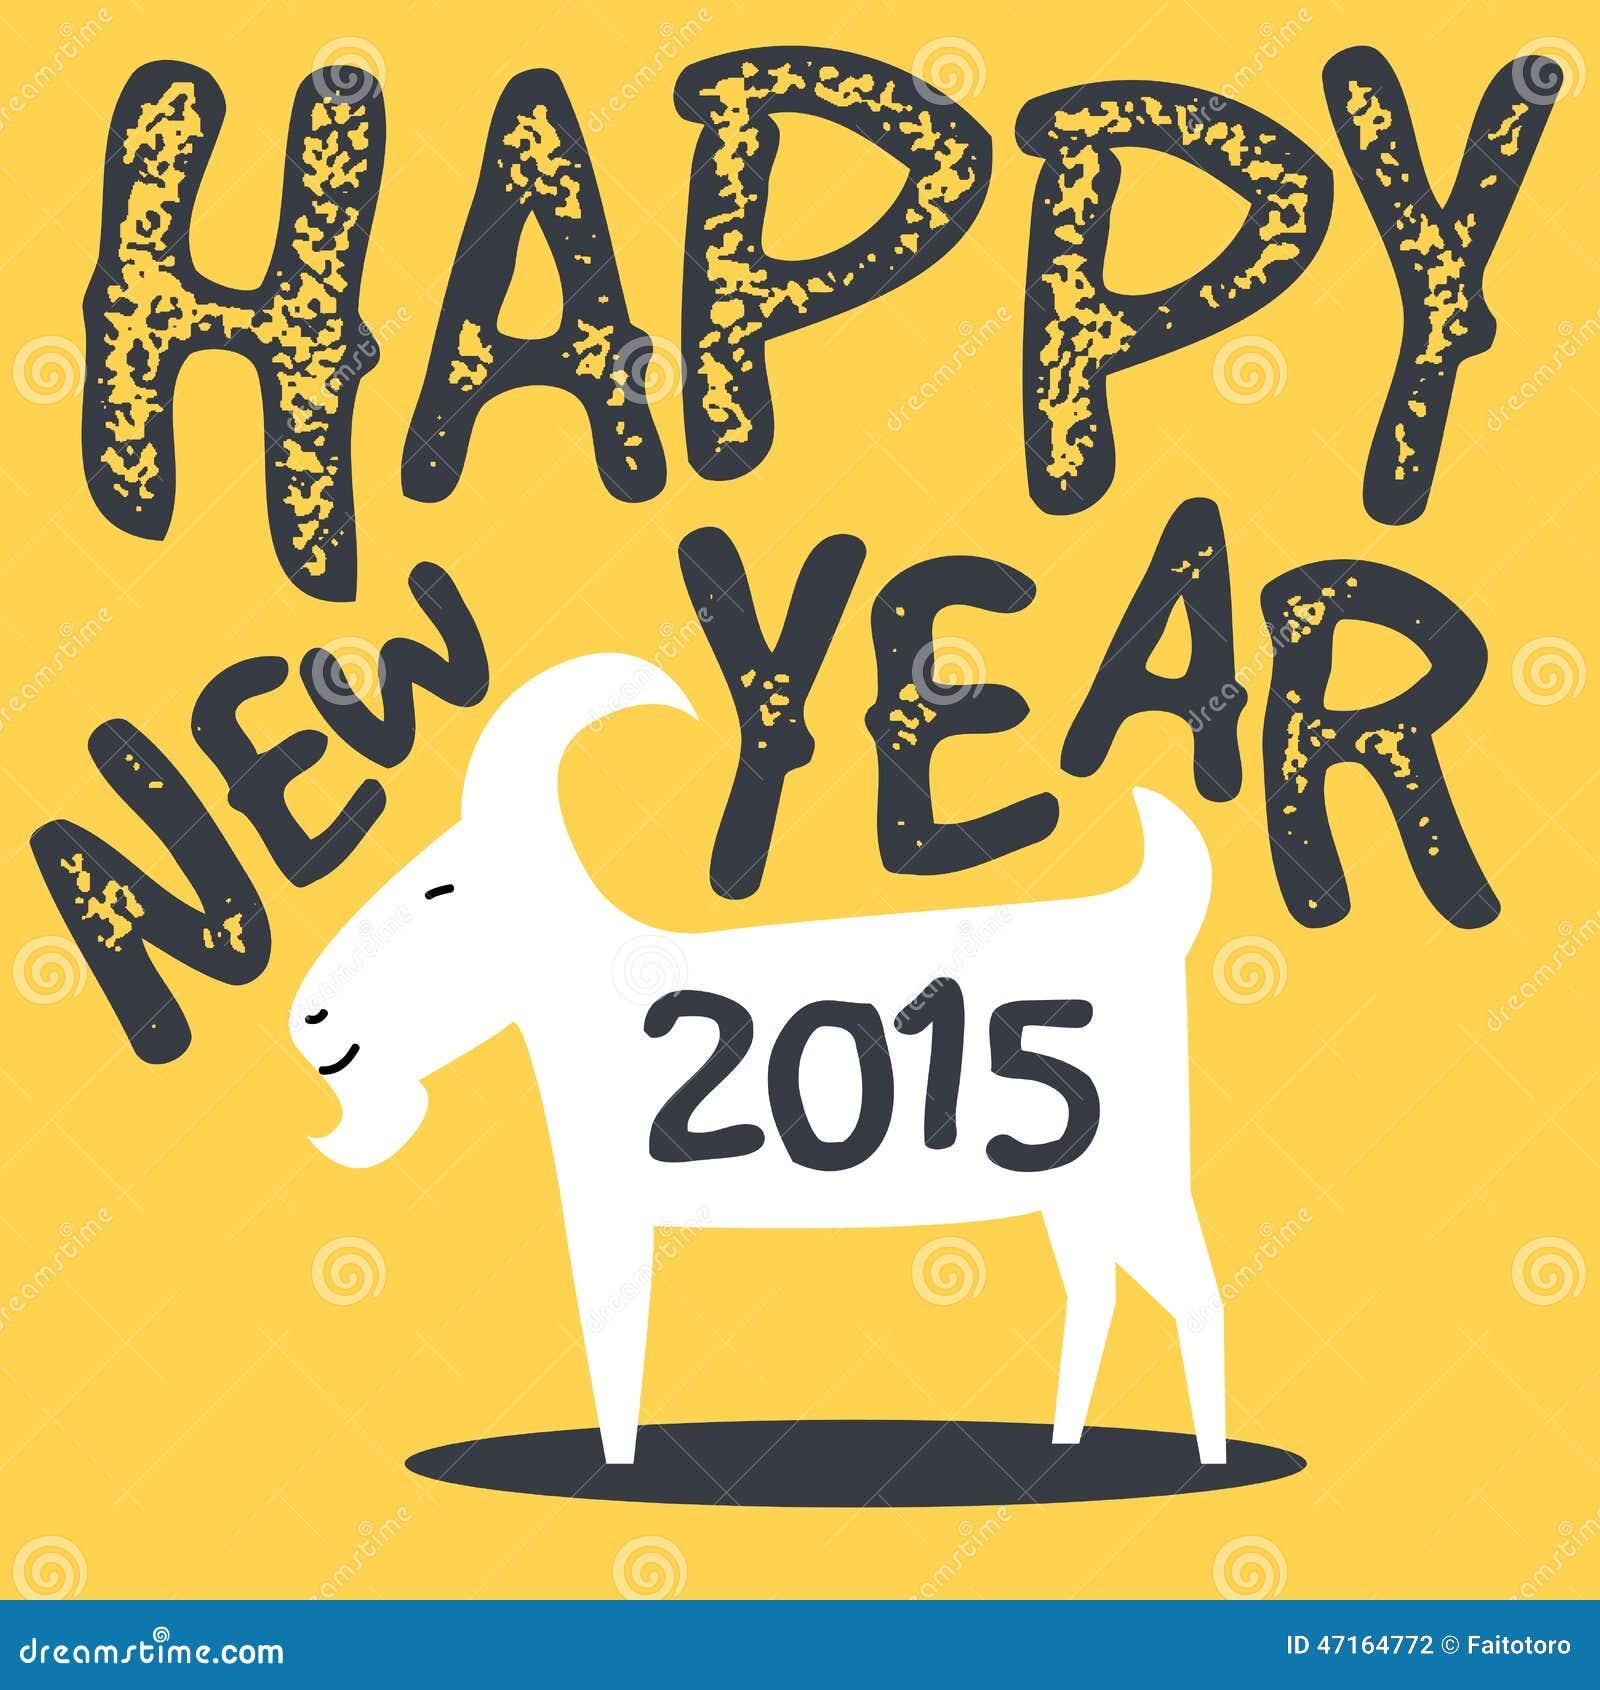 Cabra feliz, ano novo chinês 2015